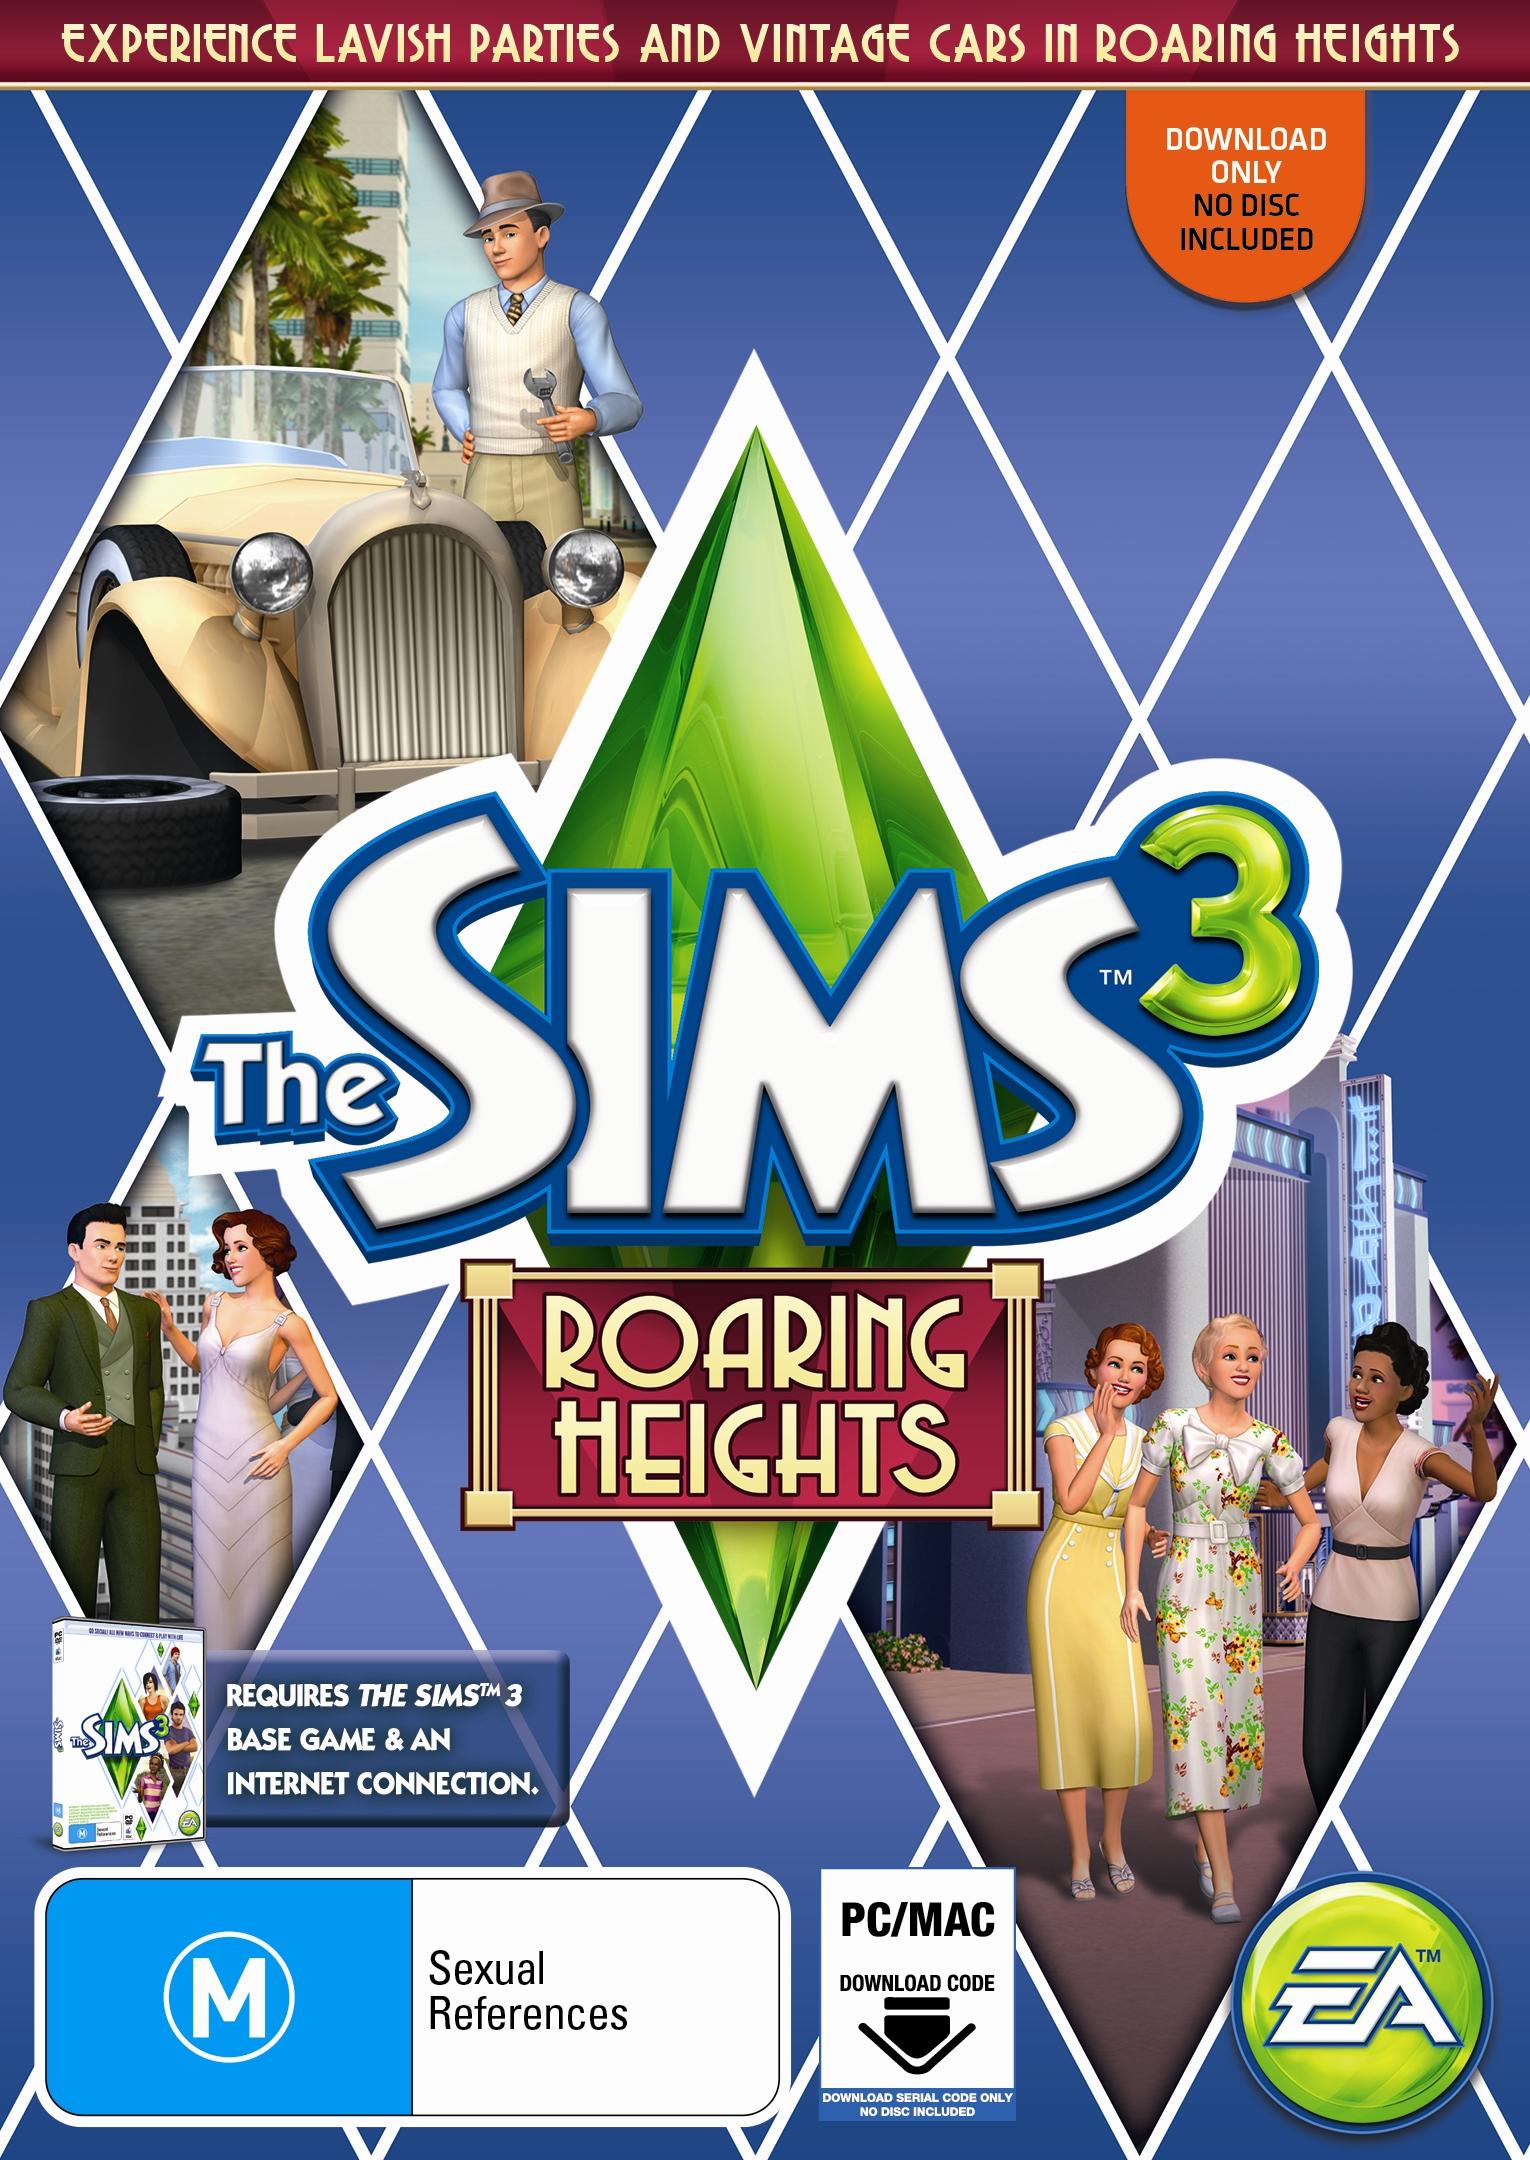 sims 3 mac download 2014